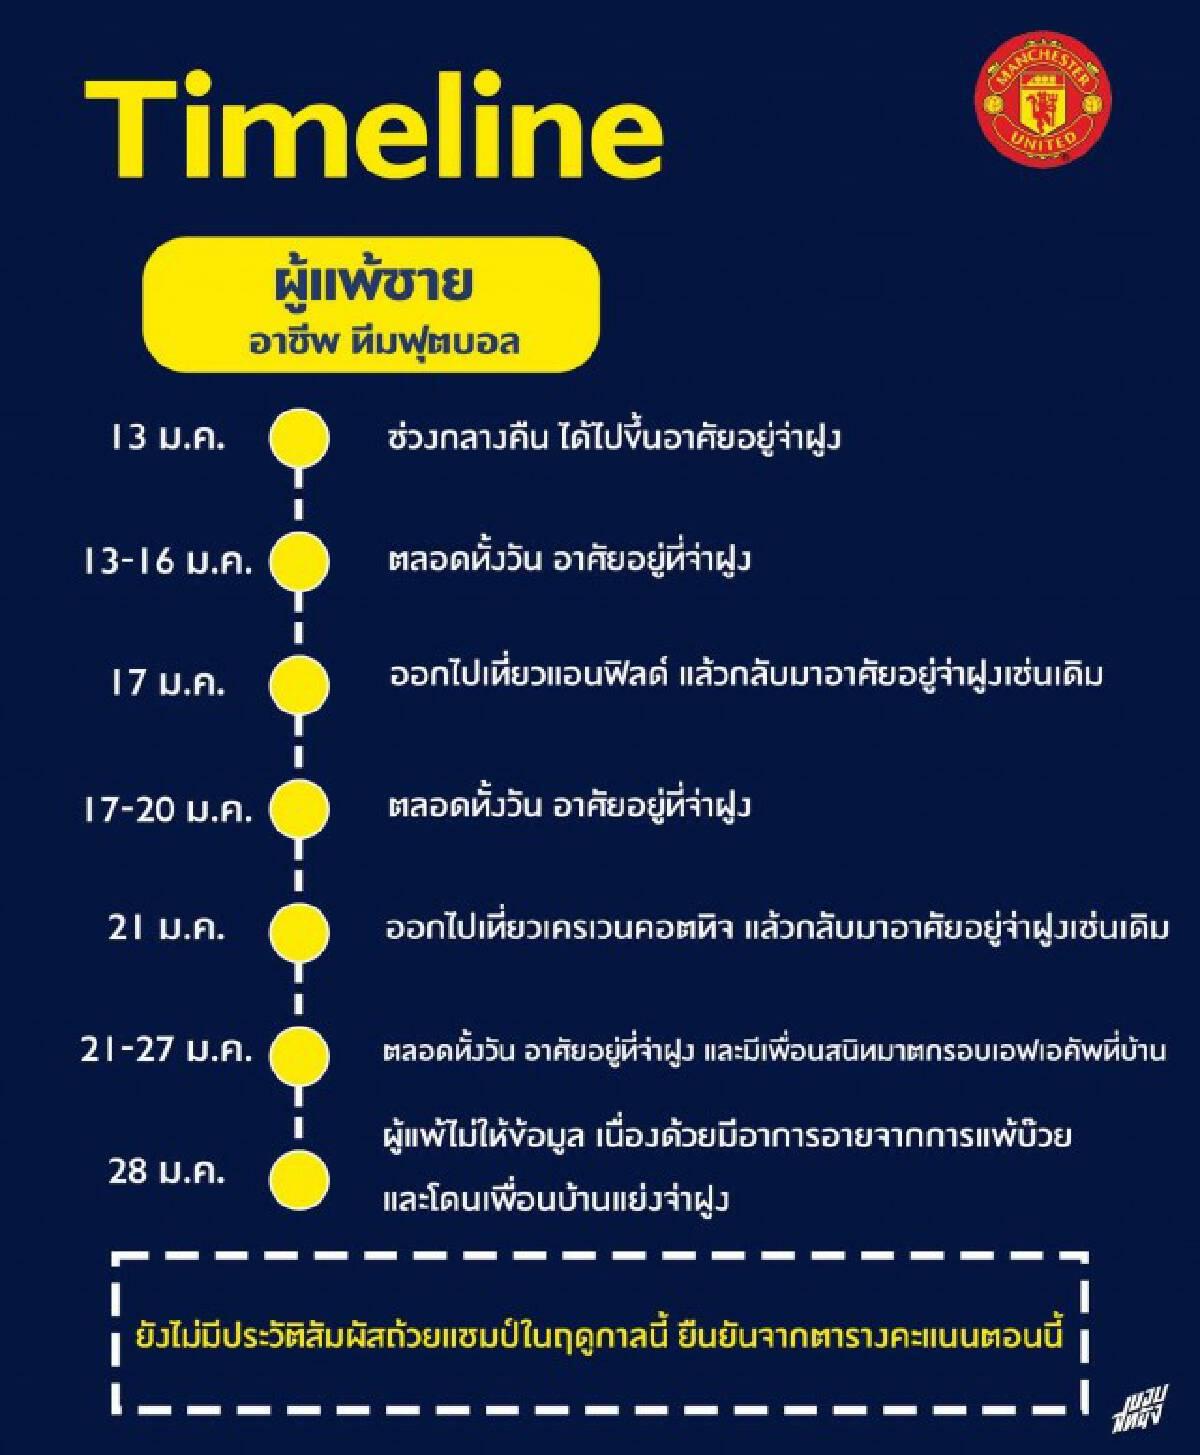 """แฟนบอลไทย สุดฮา!! เปิดไทม์ไลน์ผู้แพ้ชาย หลัง """"แมนฯยู"""" แพ้เชฟฟิลด์ คาบ้าน"""